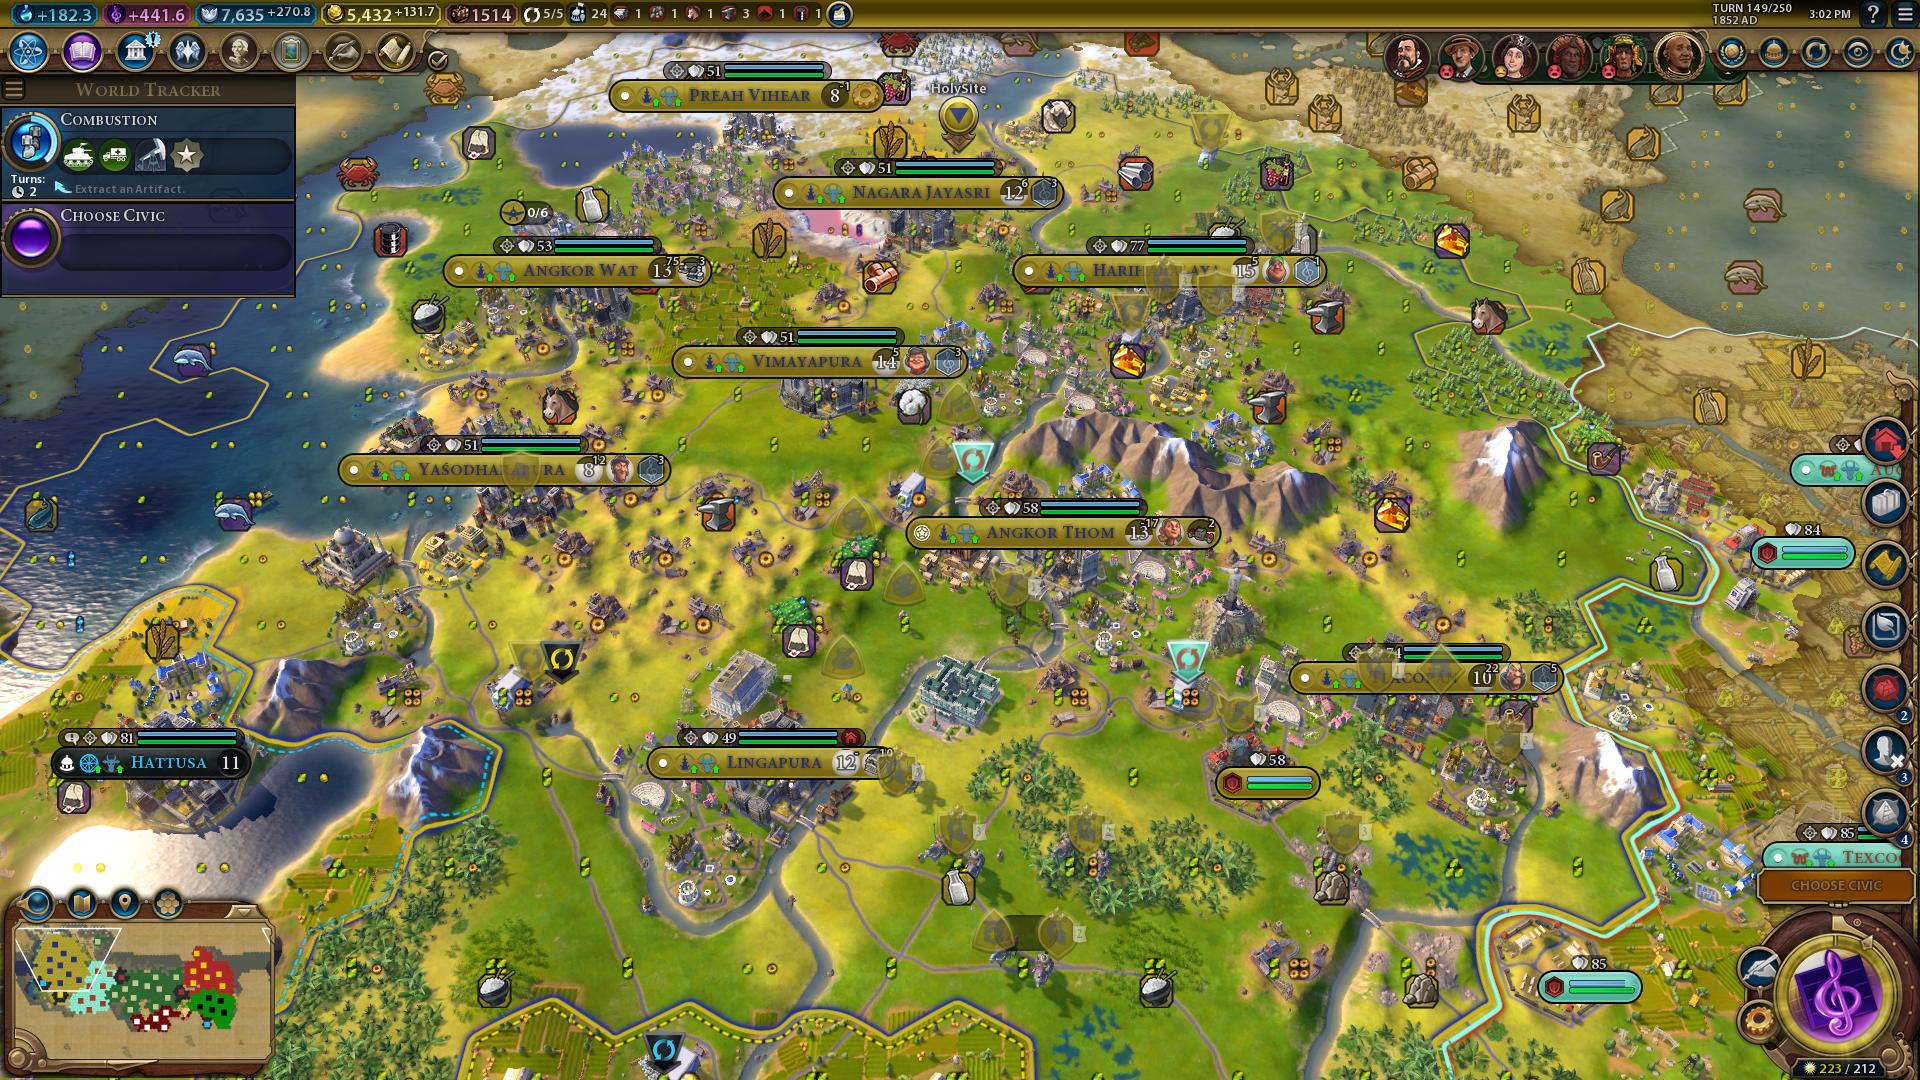 Sid Meier's Civilization VI (DX11) 8_12_2018 3_02_39 PM.png